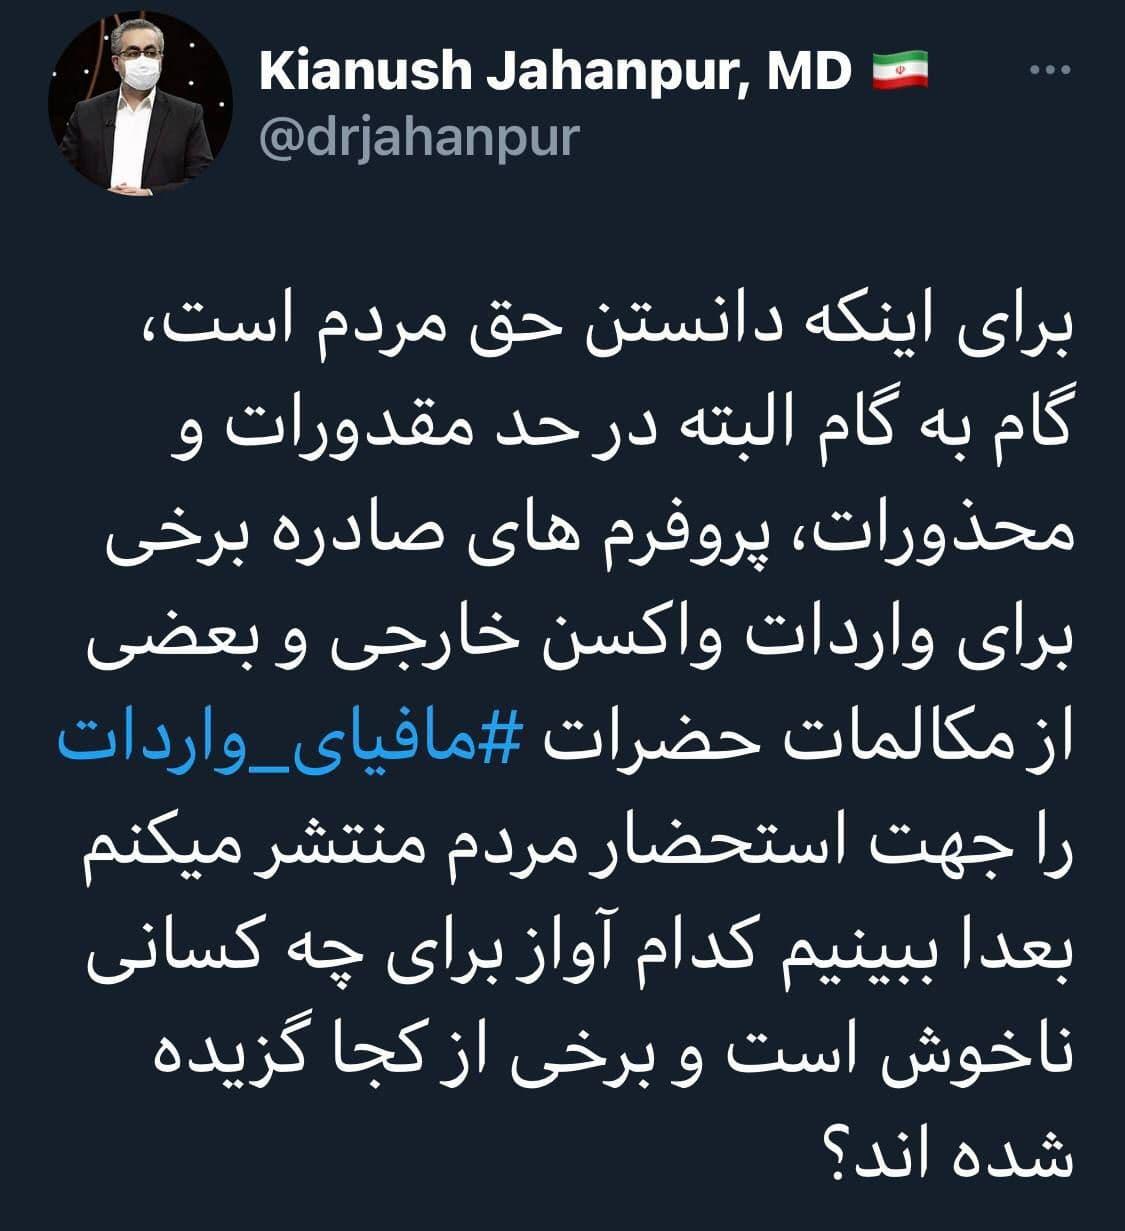 جهانپور در توییت تازه ای، این بار منتقدانش را مافیای واردات خواند